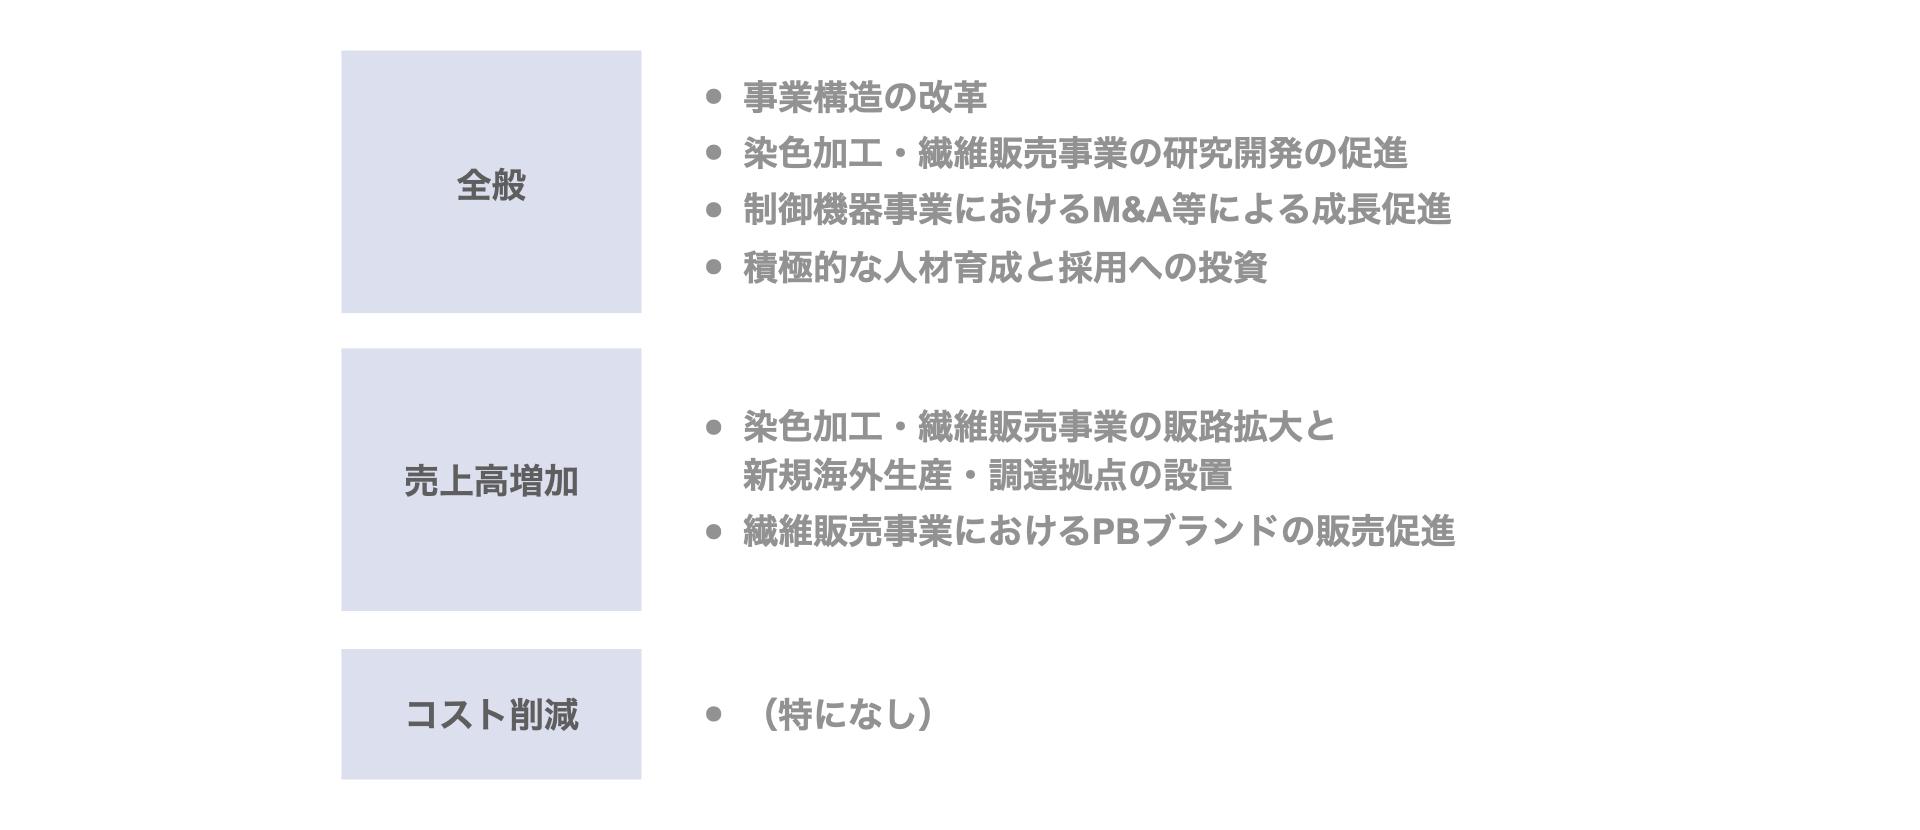 サカイオーベックスのデットMBO(みずほ・福井銀行)の非公開化後の経営方針